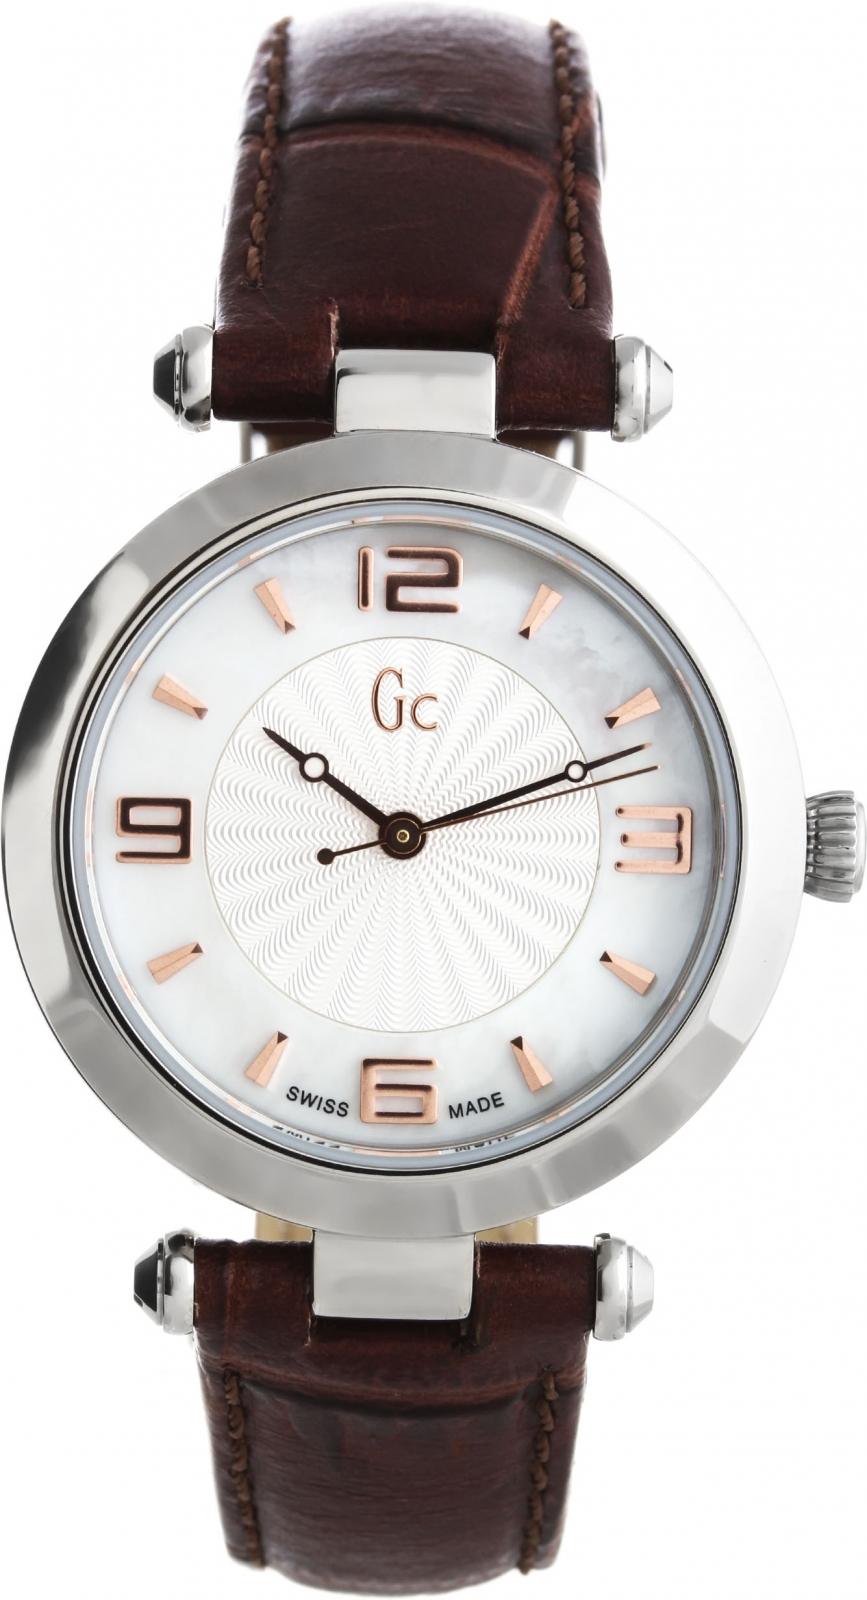 Gc Sport Chic X17001L1Наручные часы<br>Швейцарские часы Gc Sport Chic X17001L1Данная модель входит в коллекцию Sport Chic. Это женские часы. Материал корпуса часов — сталь. Стекло - сапфировое. Водозащита - 30 м.<br><br>Пол: Женские<br>Страна-производитель: Швейцария<br>Механизм: Кварцевый<br>Материал корпуса: Сталь<br>Материал ремня/браслета: Кожа<br>Водозащита, диапазон: 20 - 100 м<br>Стекло: Минеральное<br>Толщина корпуса: None<br>Стиль: None